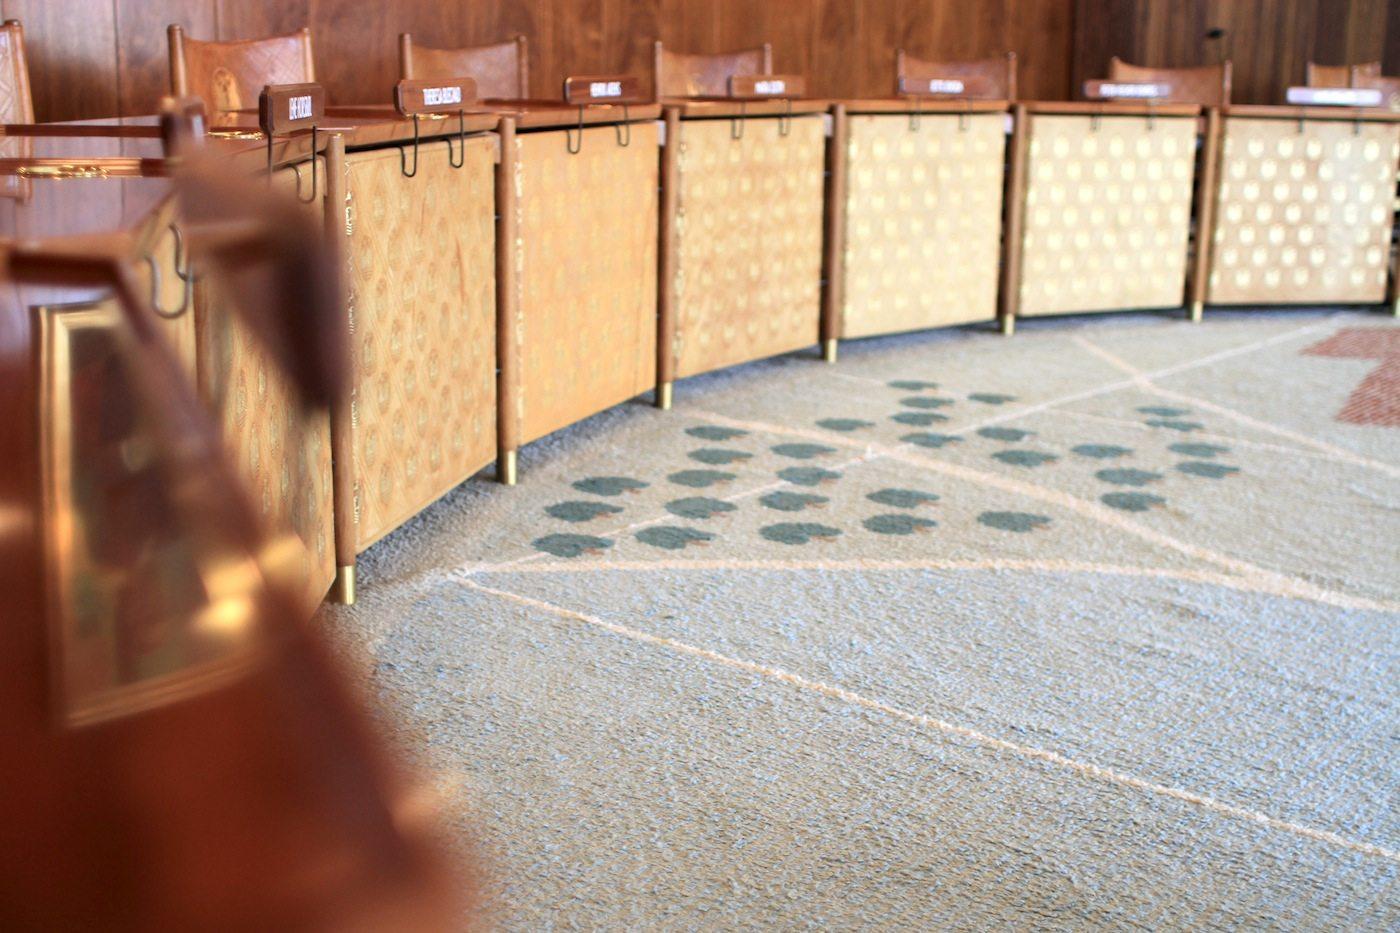 Der Ratssaal. Ein prächtiger mit kubanischem Mahagoni verkleideter Raum mit einem 250 Quadratmeter großen Noppenteppich, auf dem die Stadt von Aarhus als Karte eingearbeitet worden ist.